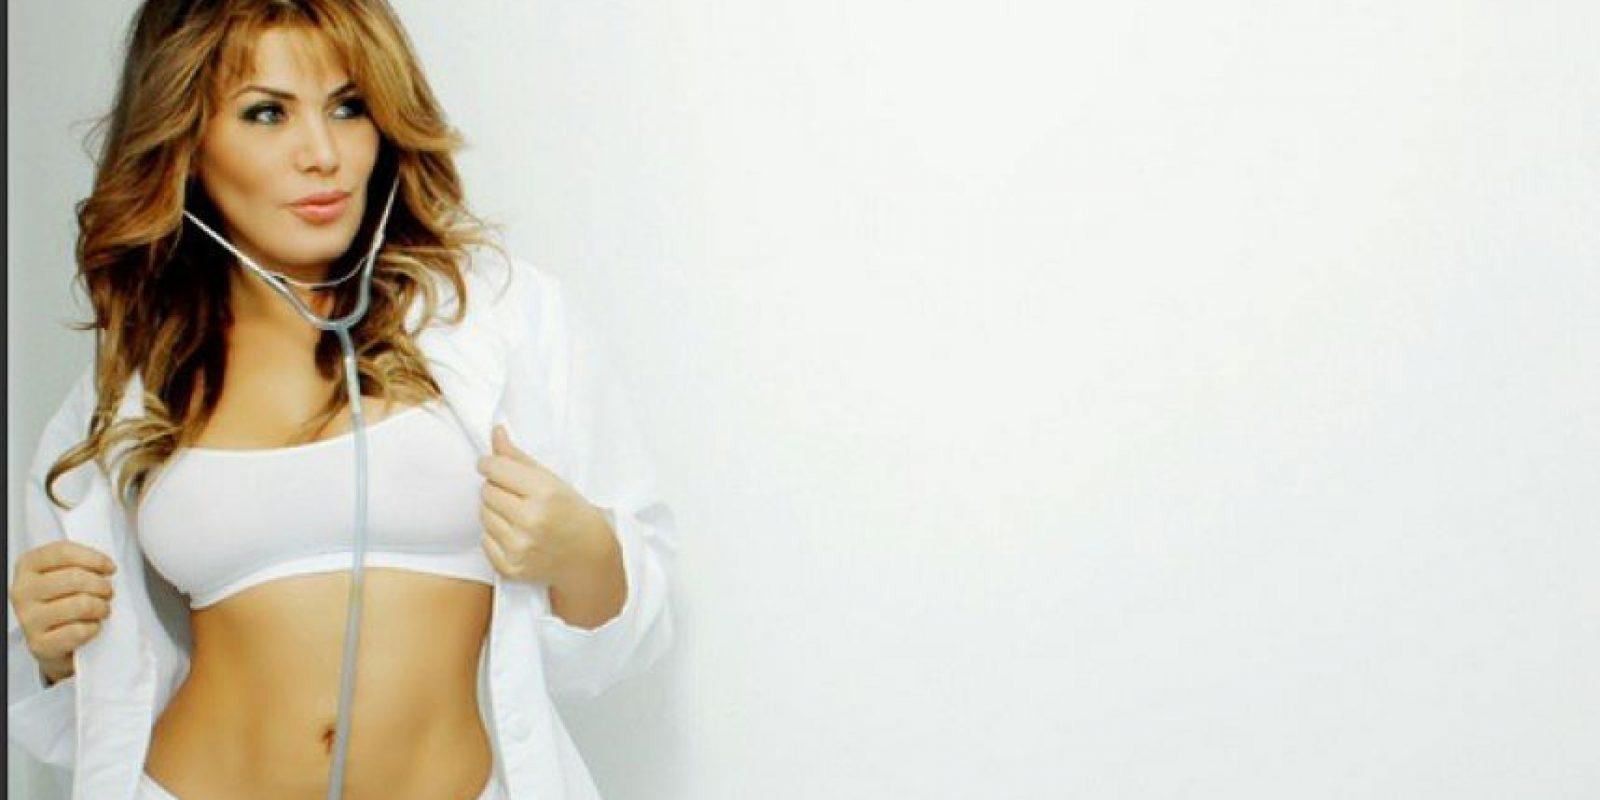 Lady Noriega. Se ha operado todo, la cara sobre todo, aumento de senos, y dicen que después de su embarazo, no perdonó la liposucción. Foto:Instagram